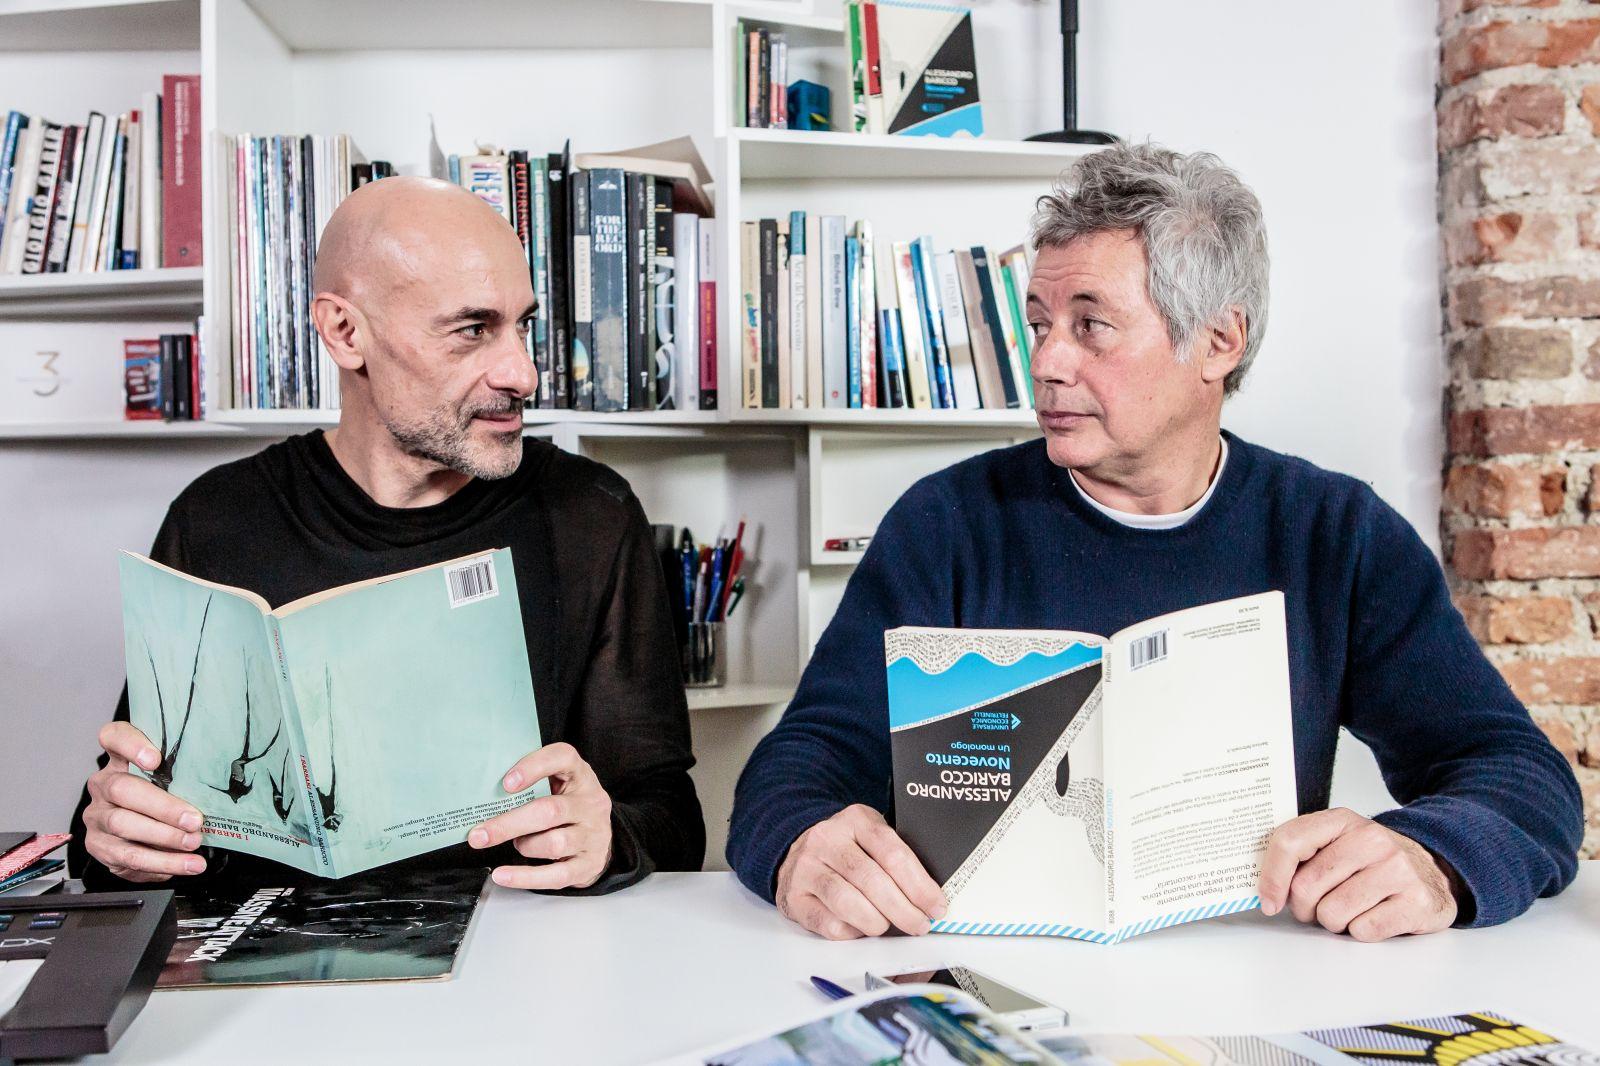 PLAYnovecento: le parole di Alessandro Baricco dialogano con la musica selezionata da Alessio Bertallot